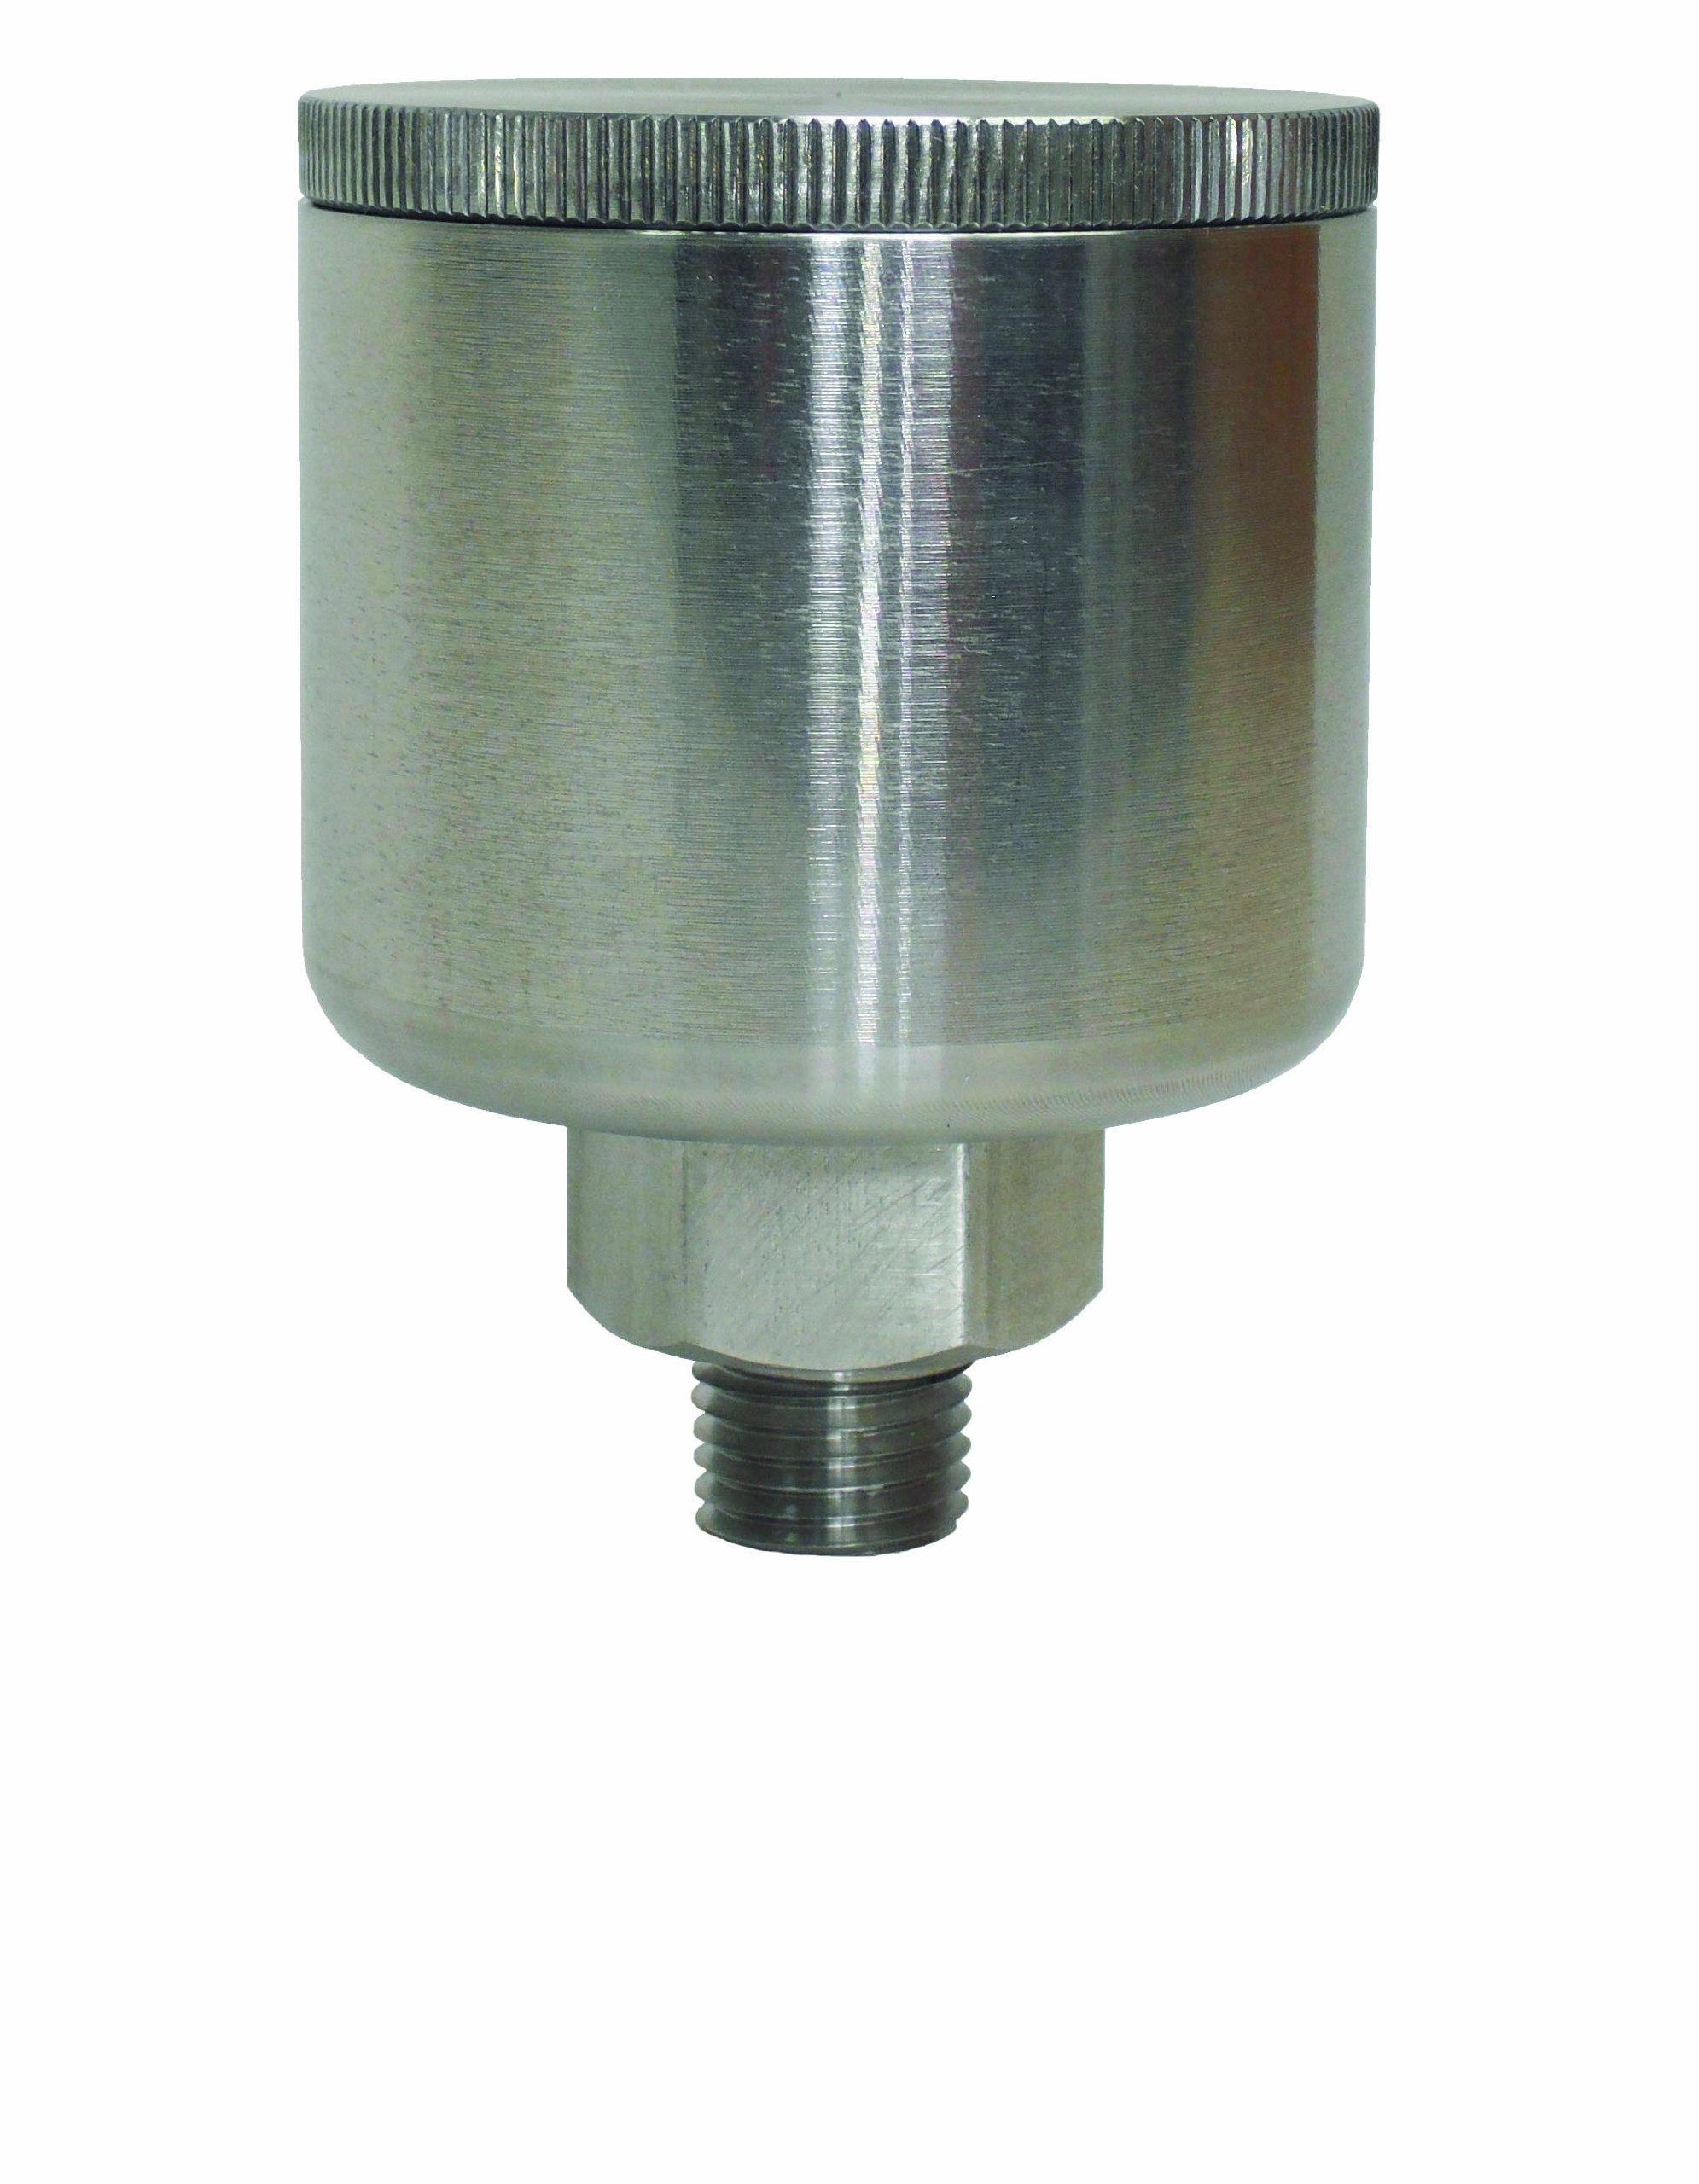 Monarch Track-It Pressure Pressure and Temperature Logger, Range 350 psi